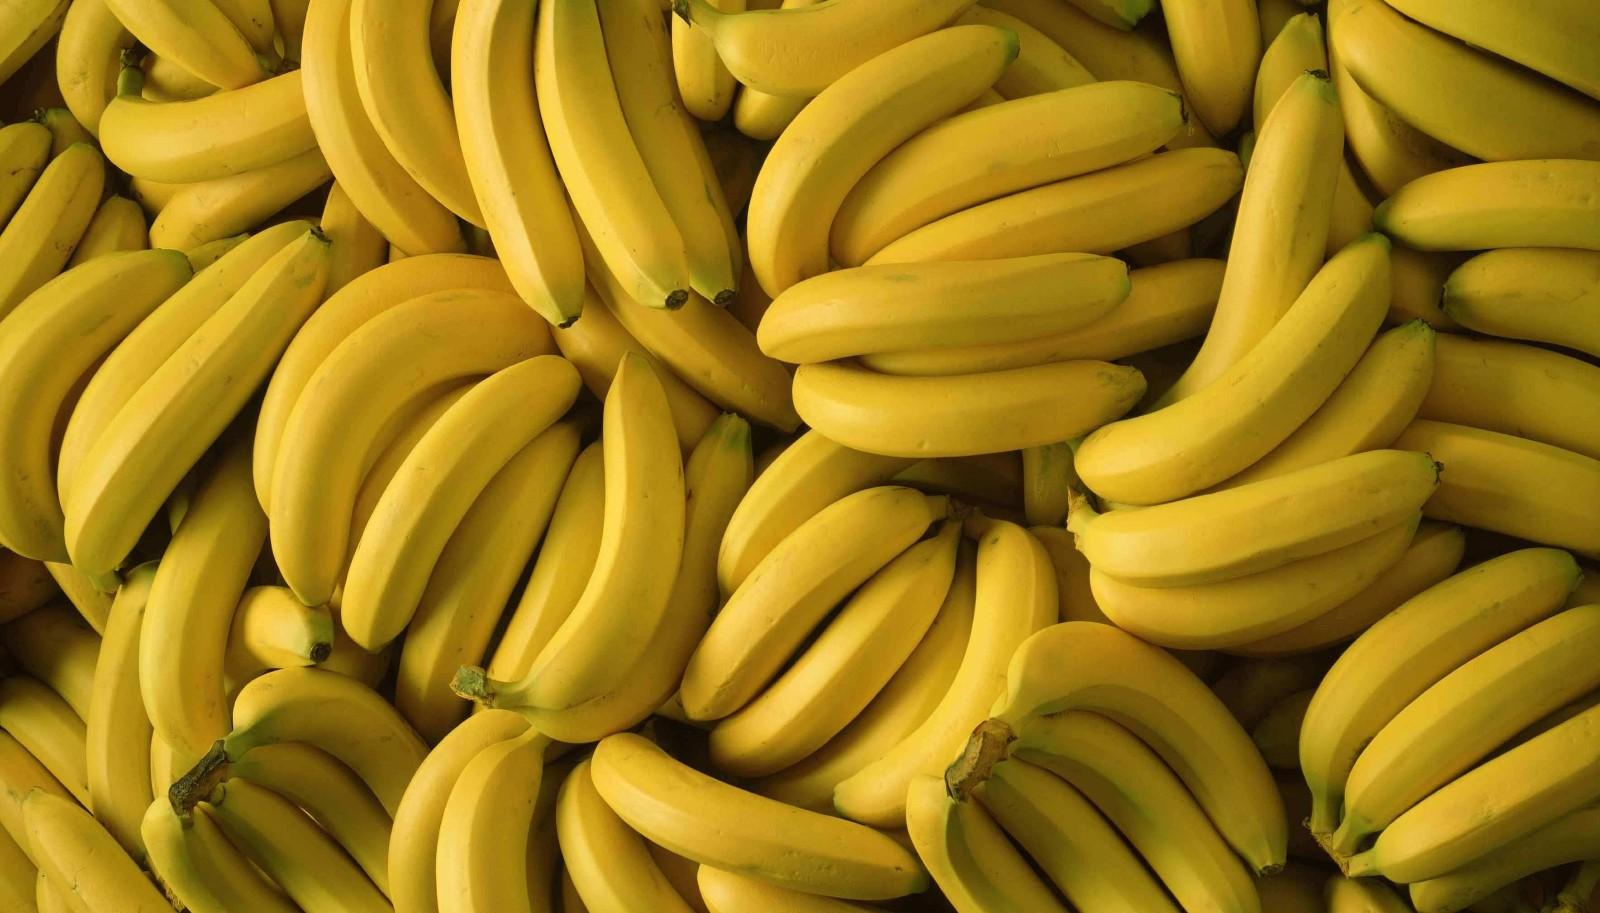 香蕉多少钱一斤?6月17日香蕉主产区收购价格行情